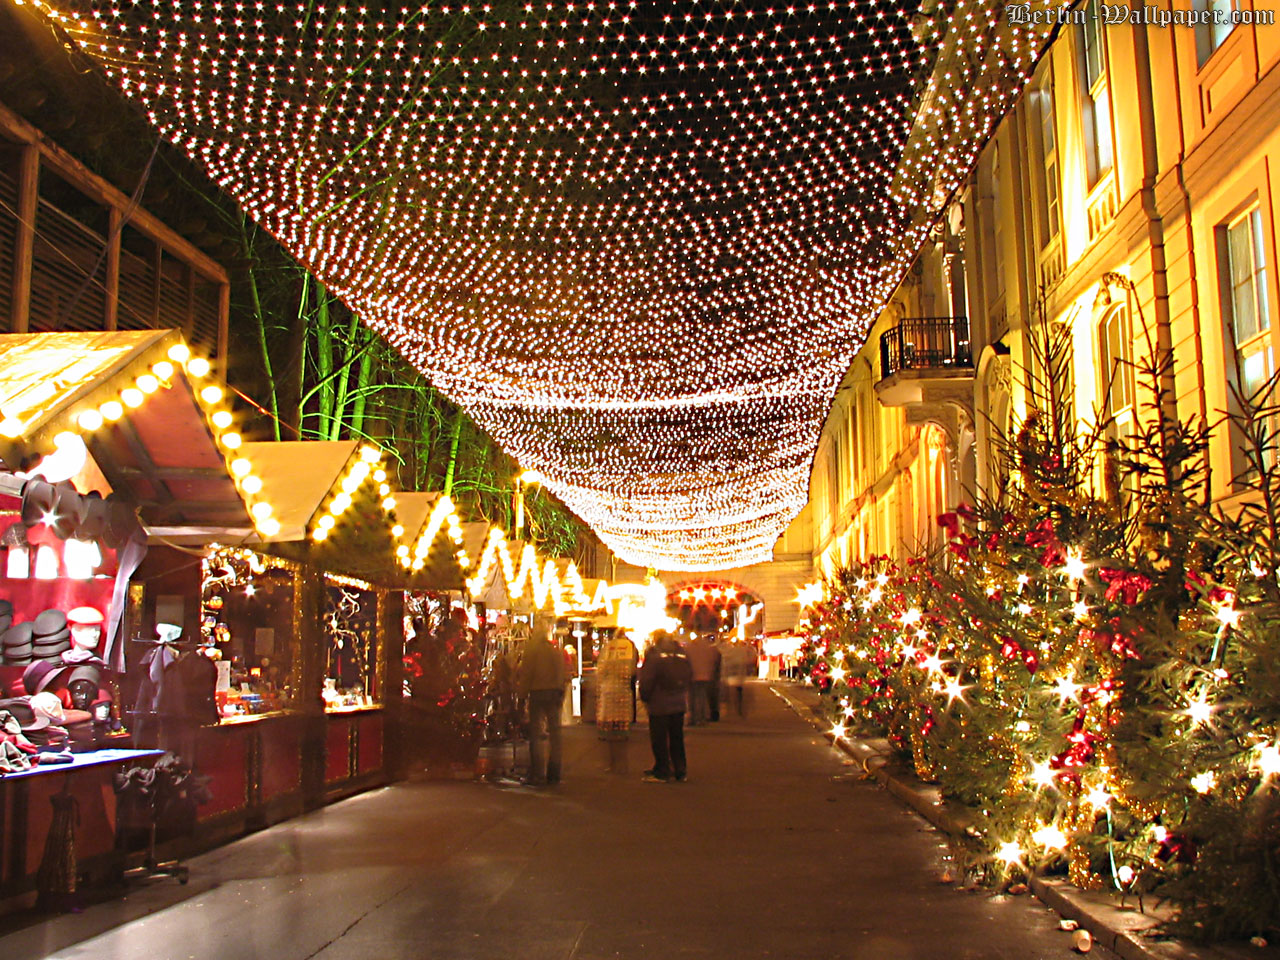 9 costumbres navide as de alrededor del mundo taringa - Costumbres navidenas en alemania ...